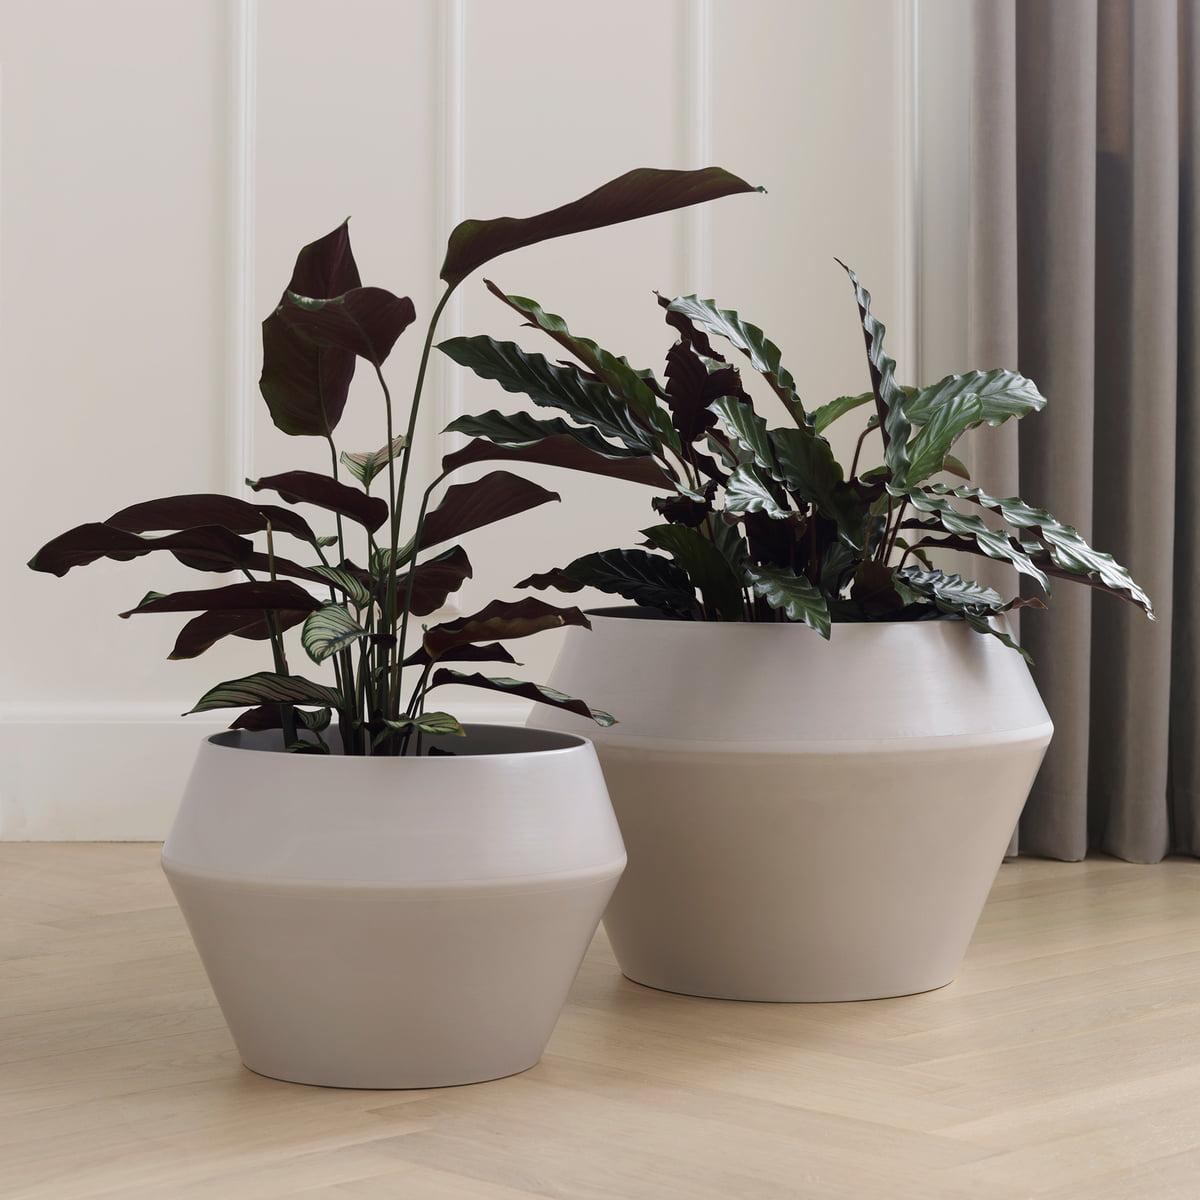 rimm blumentopf medium von by lassen im shop. Black Bedroom Furniture Sets. Home Design Ideas